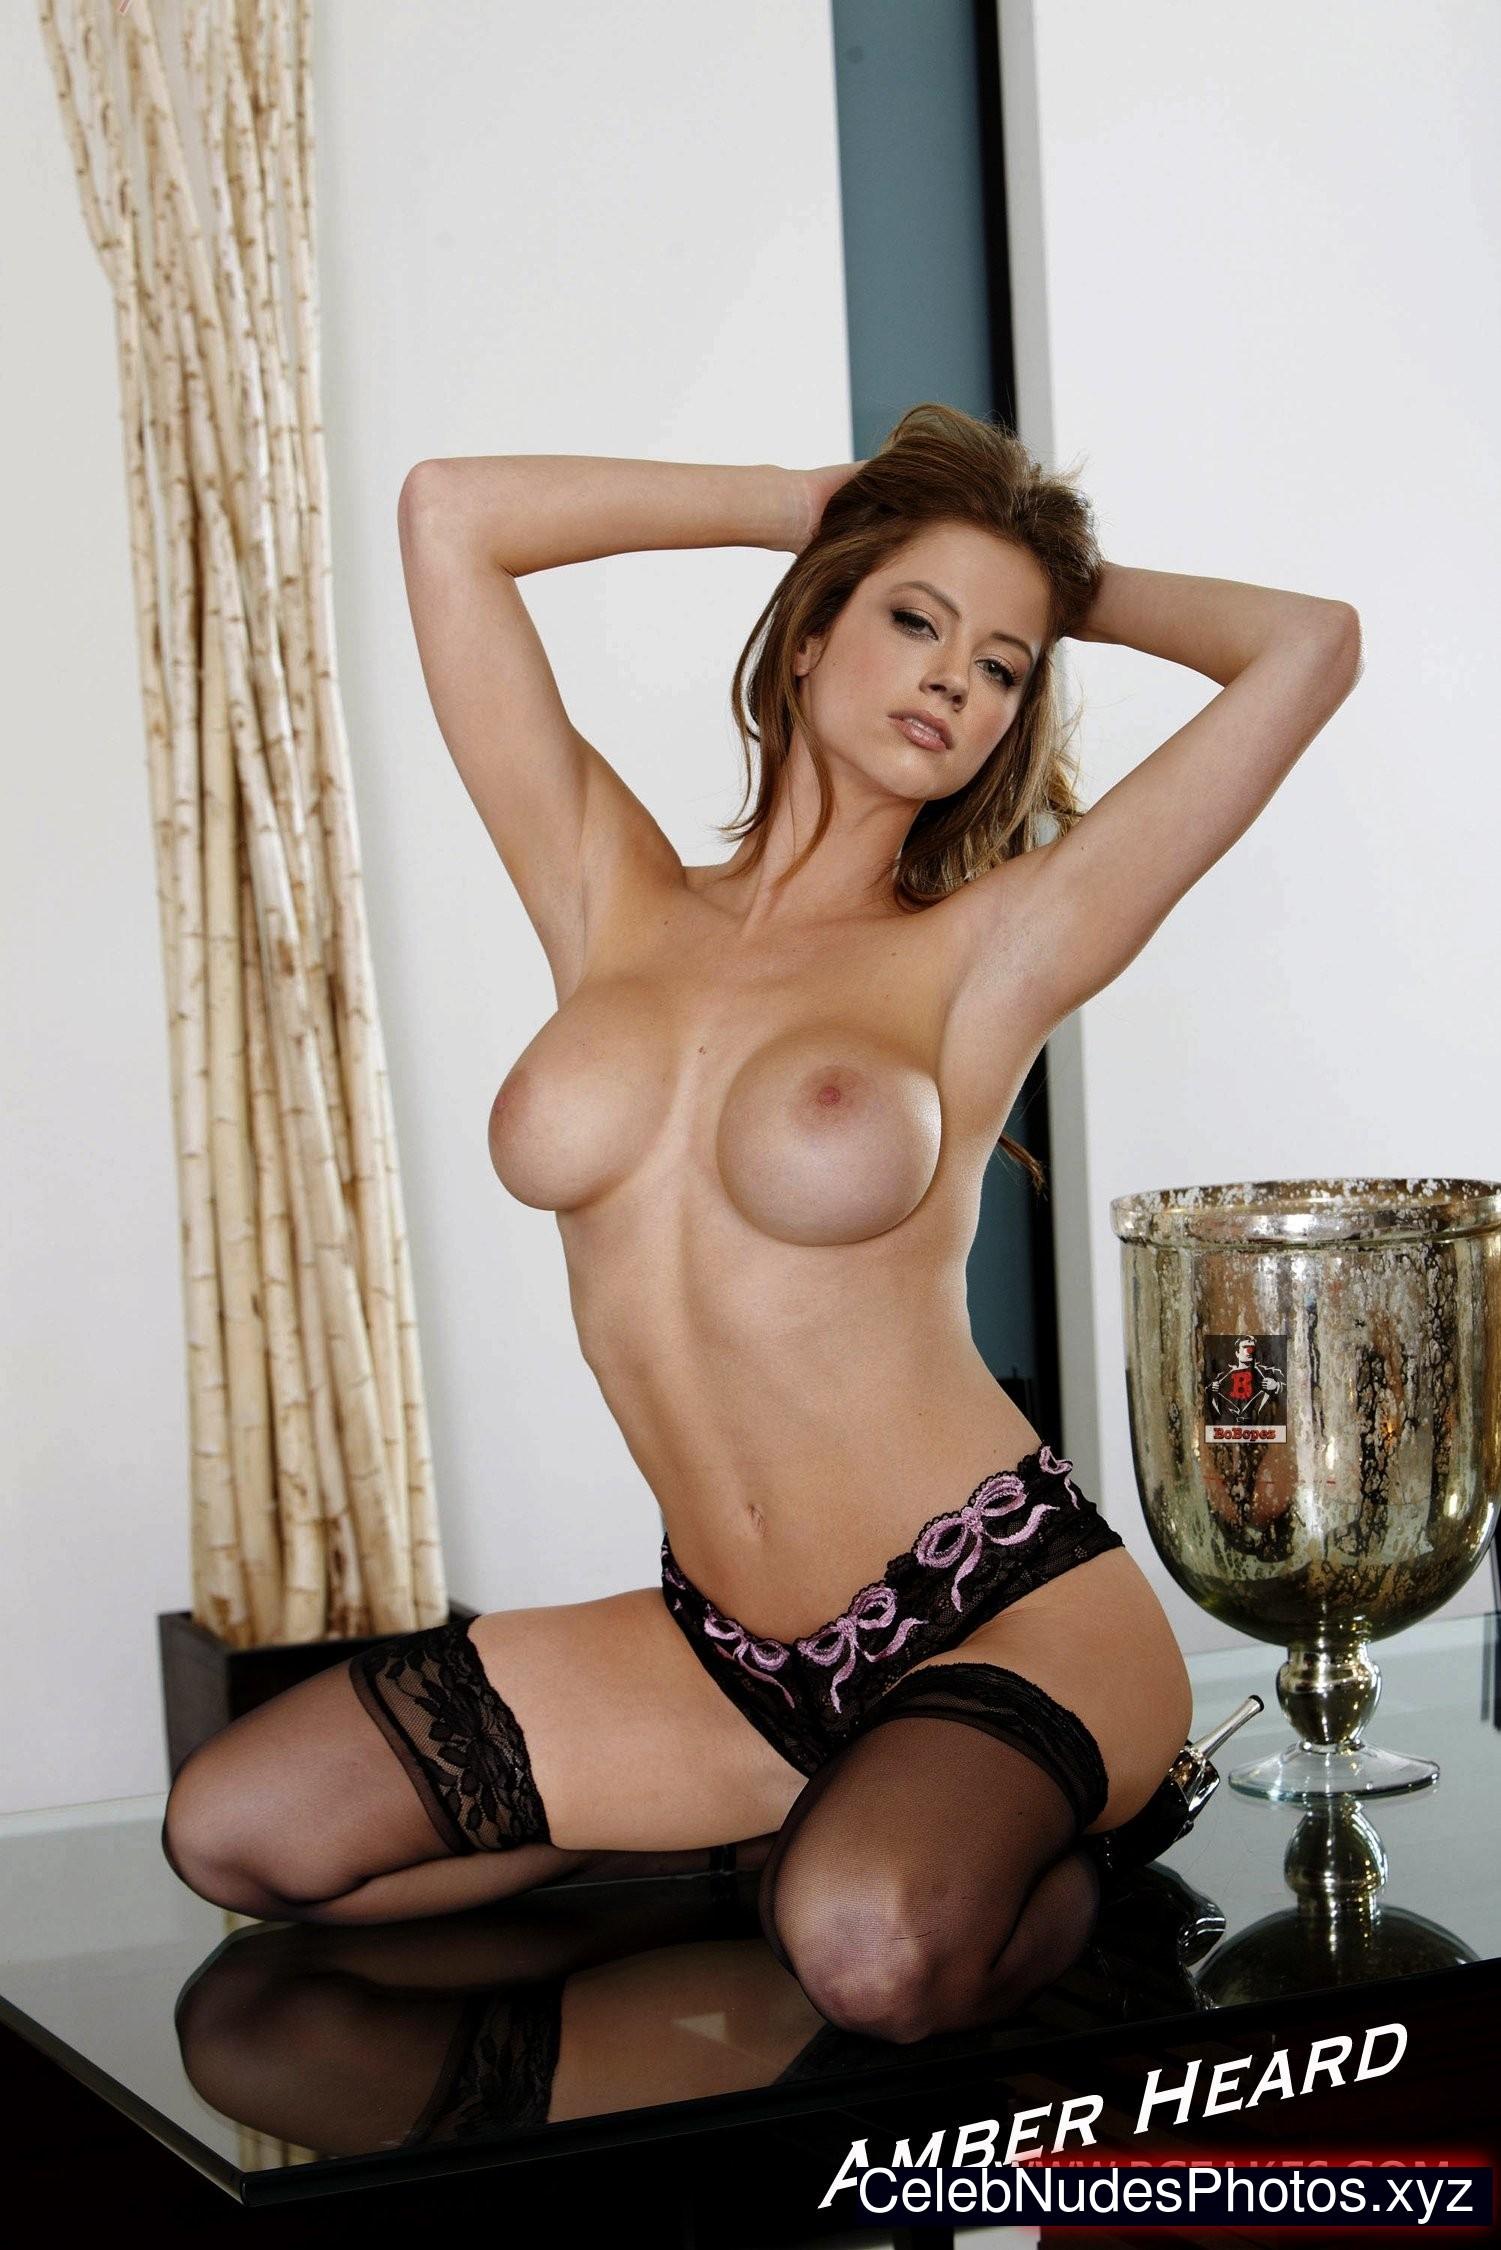 Amber Heard Free Nude Celeb sexy 11